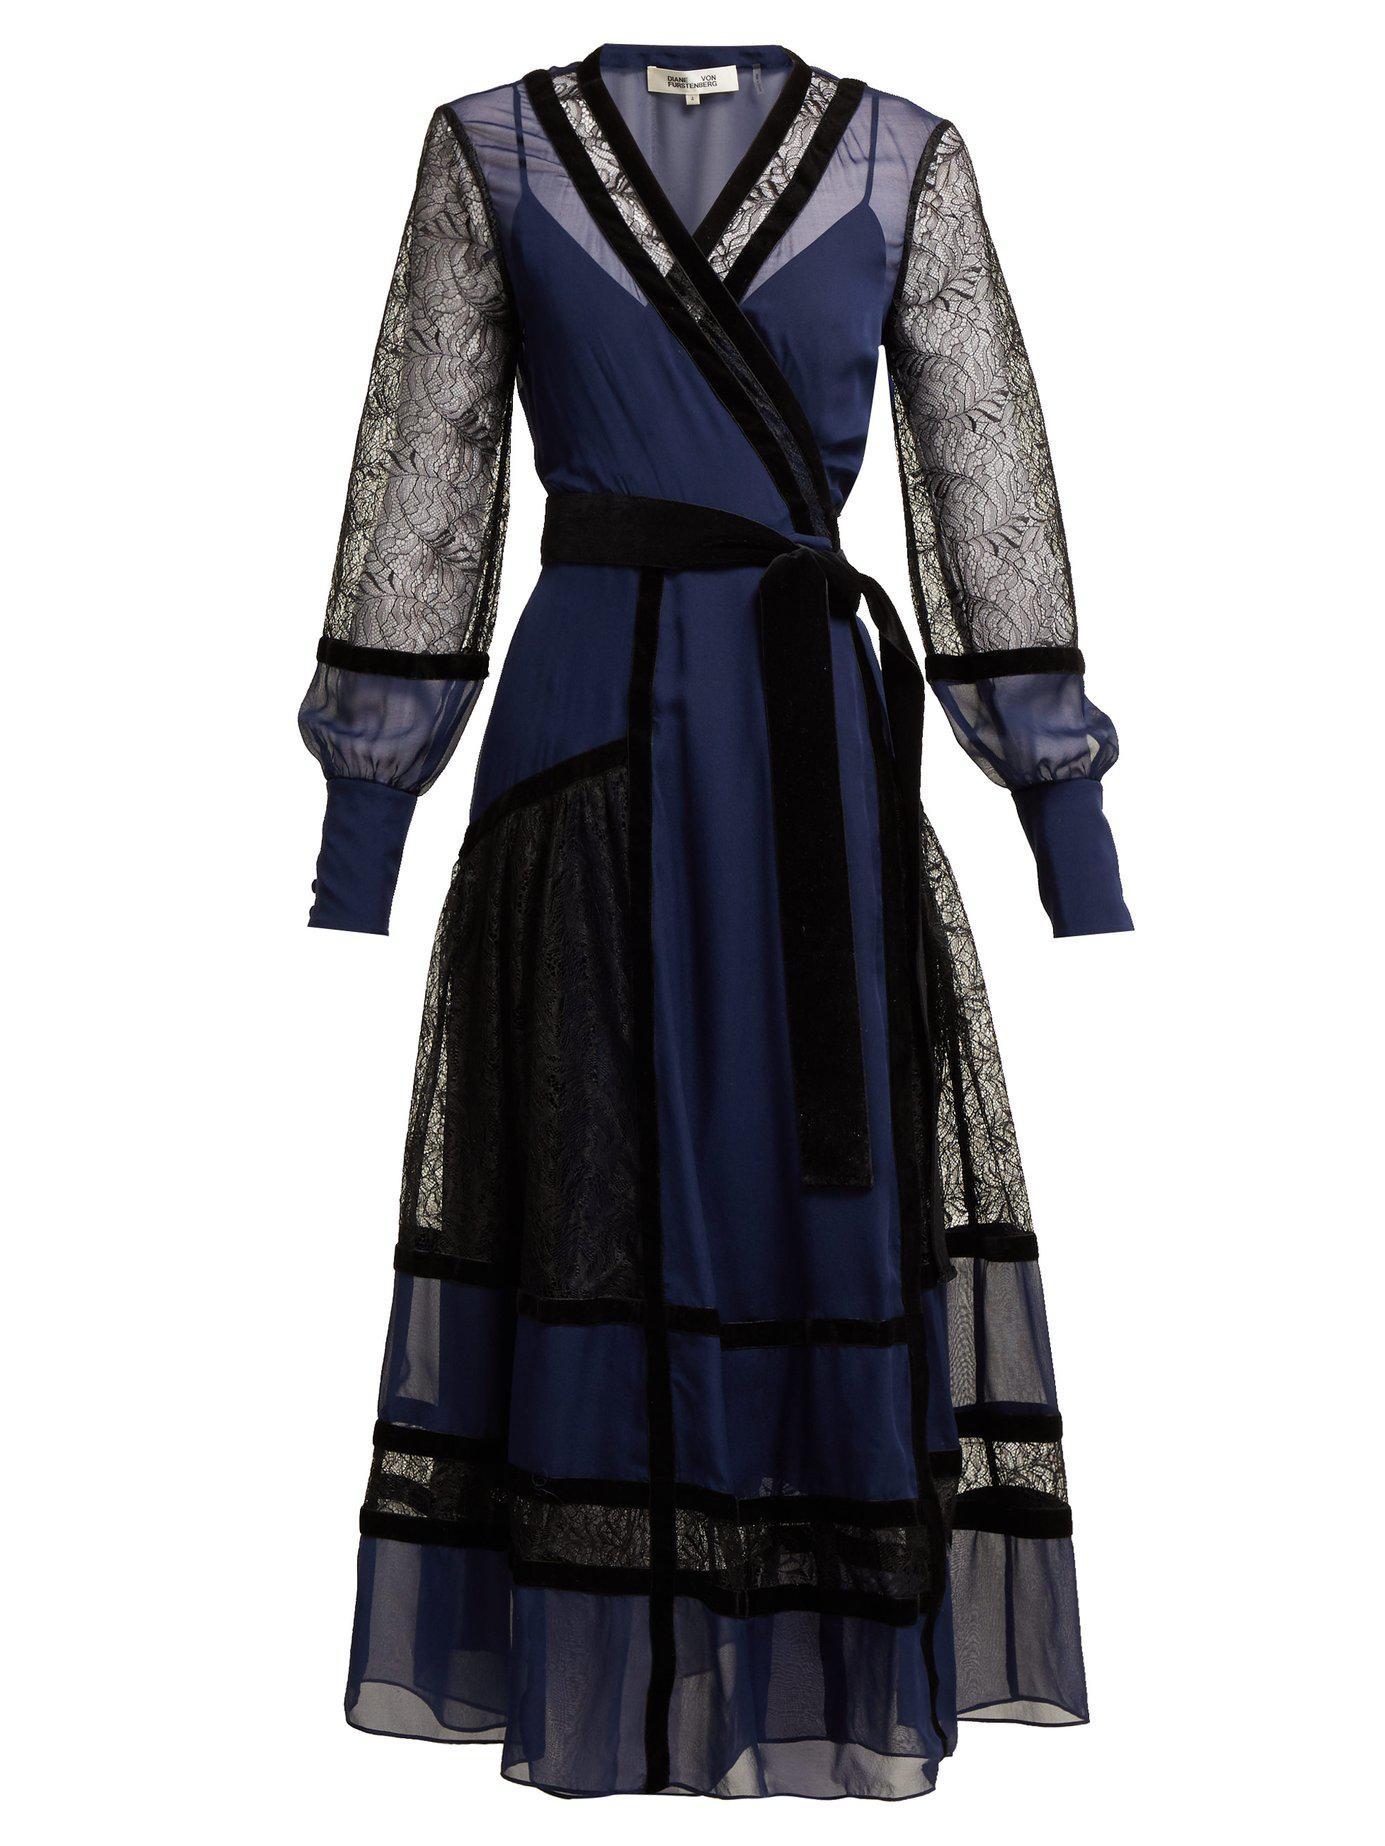 b582b7f88c437 Lyst - Diane von Furstenberg Forrest Lace Panel Wrap Dress in Blue ...